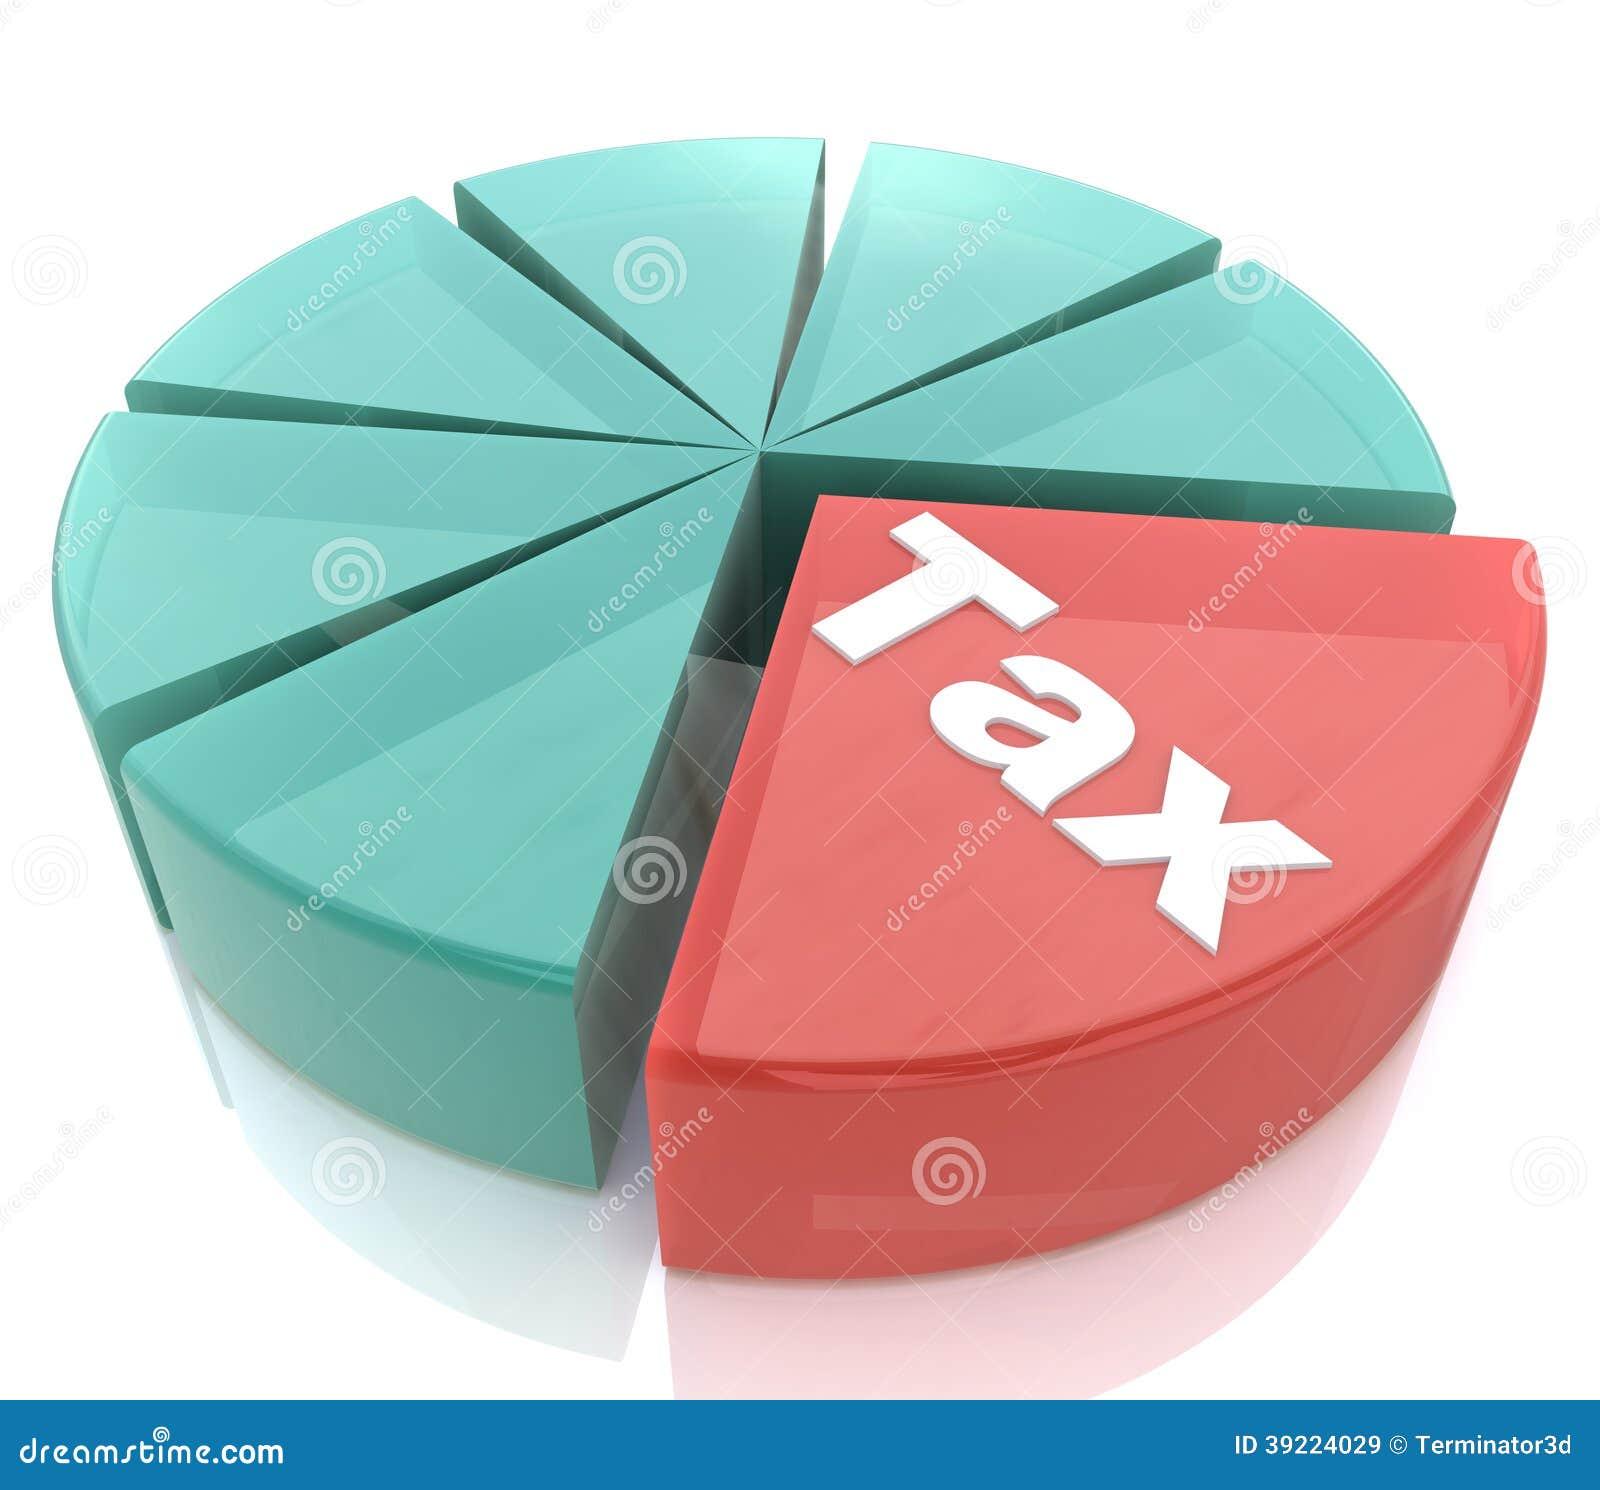 税圆形统计图表